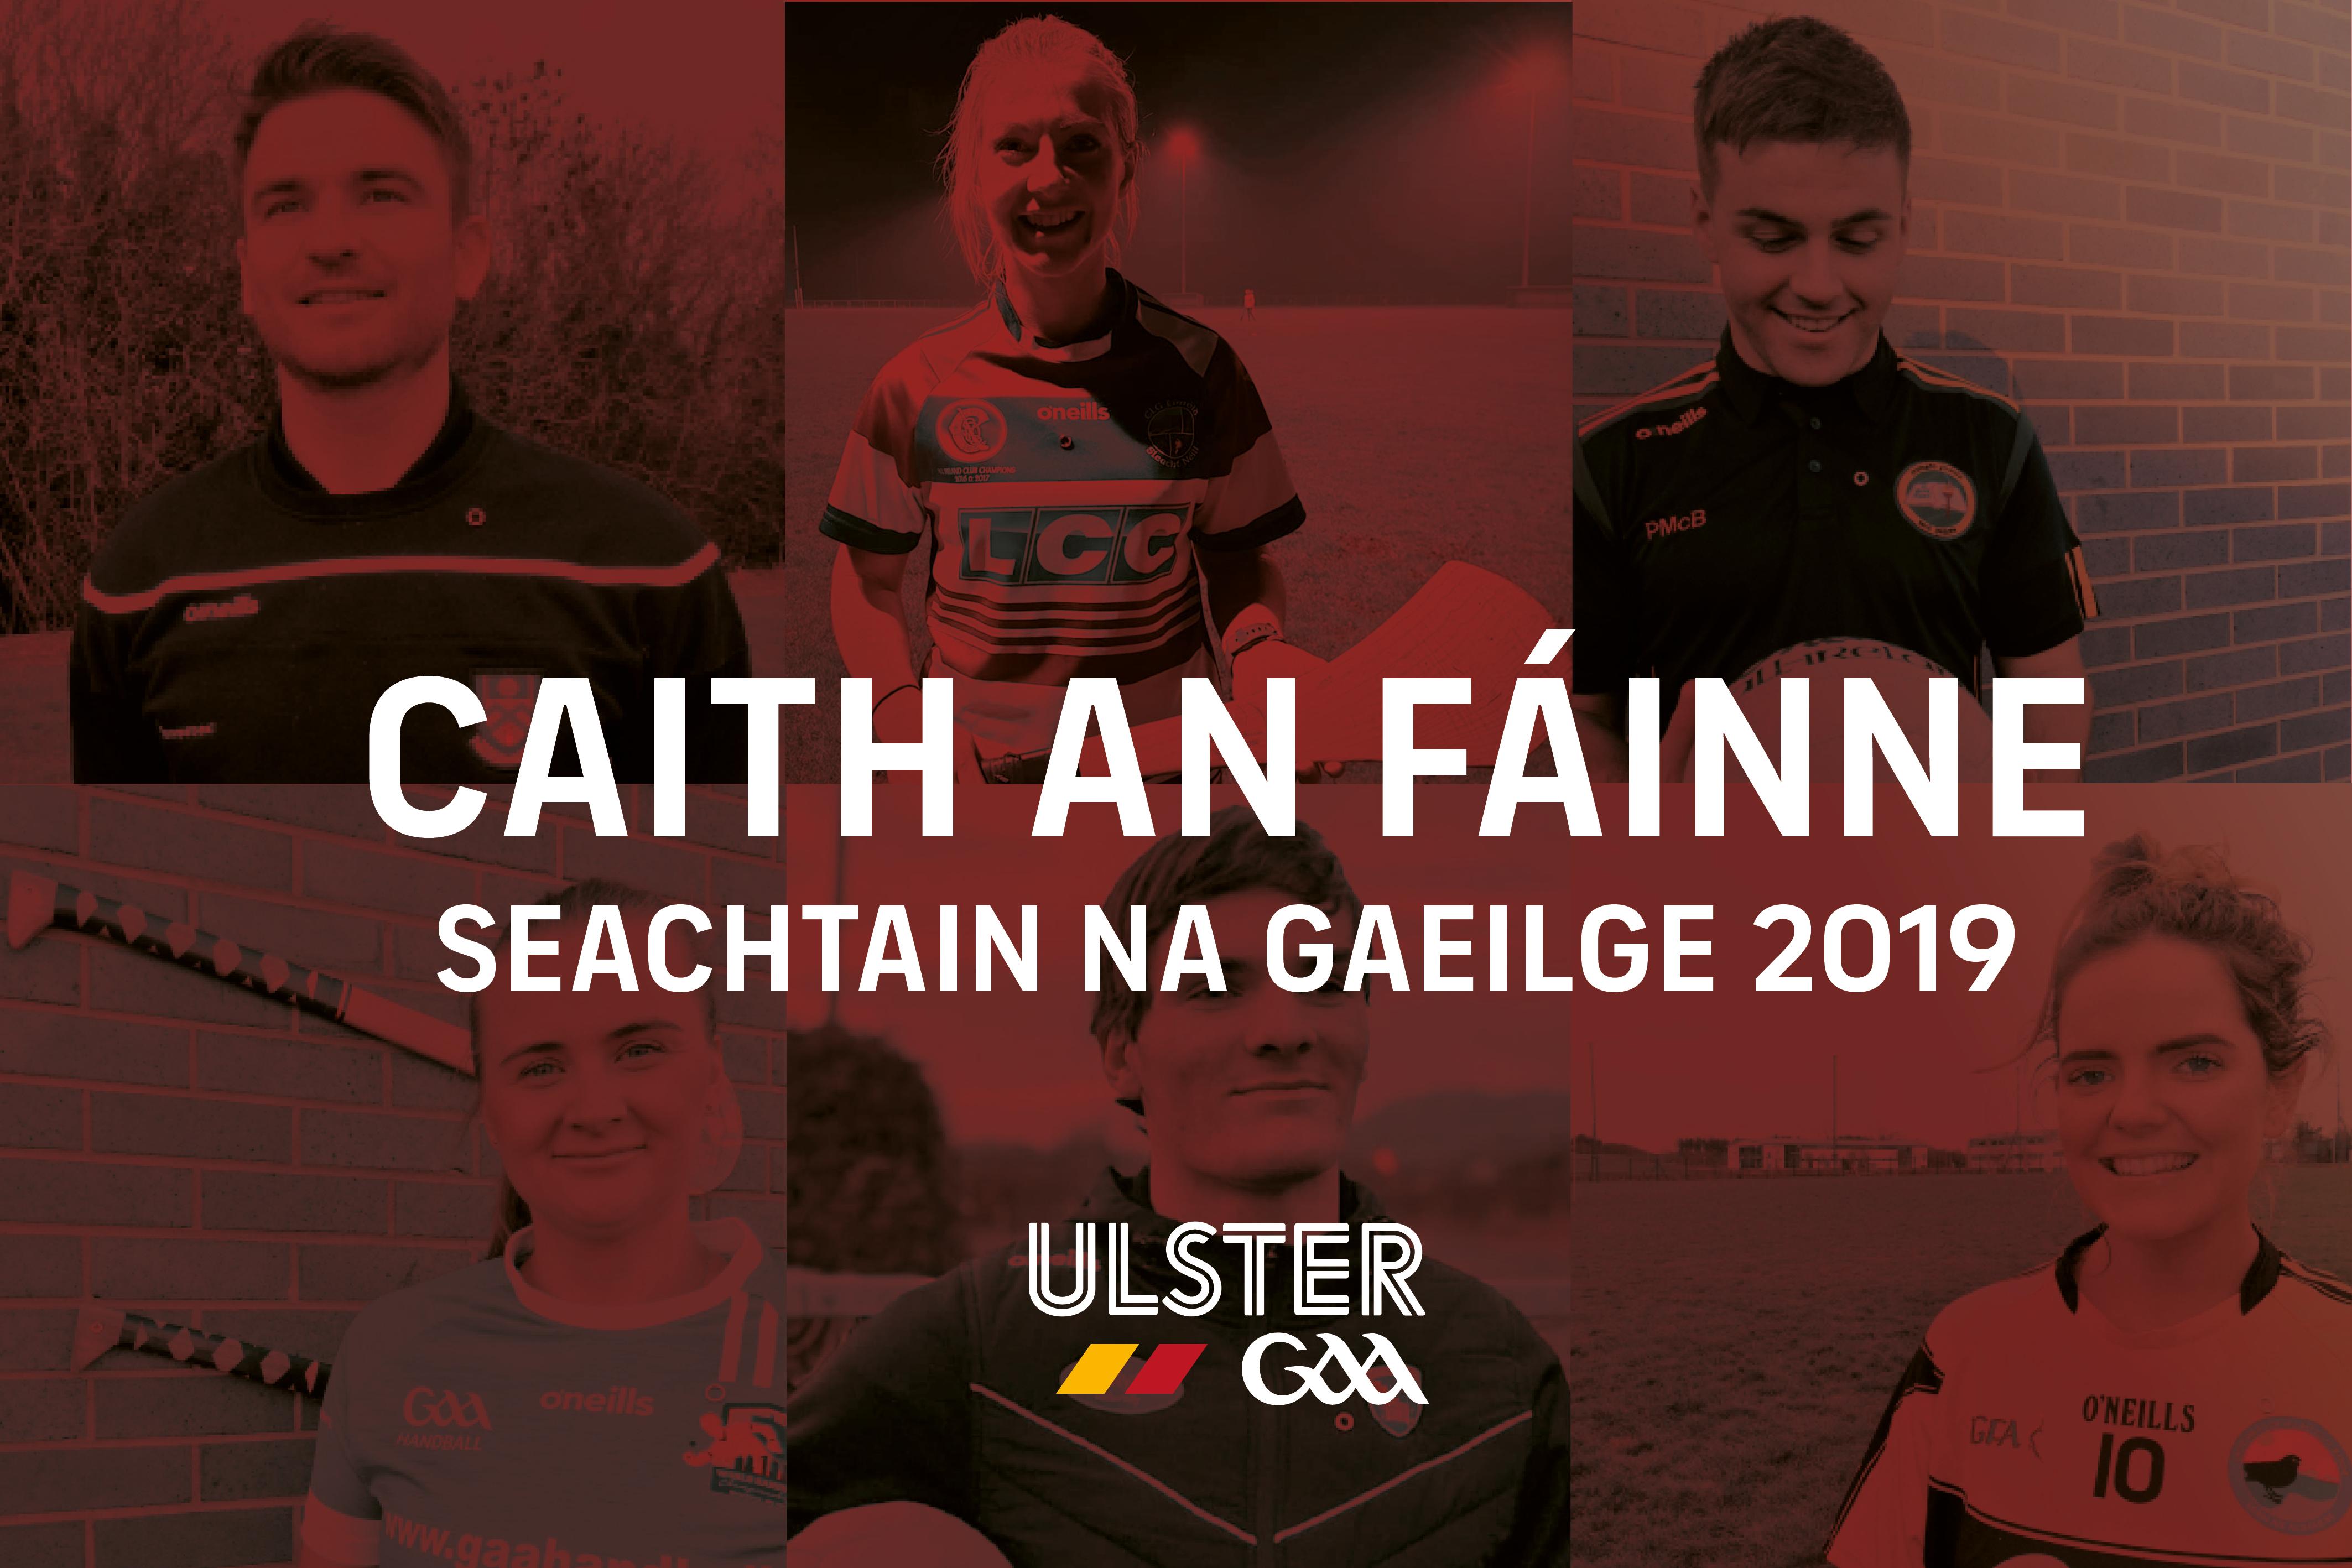 Ulster GAA launch 'Caith an Fáinne' campaign to celebrate Seachtain na Gaeilge